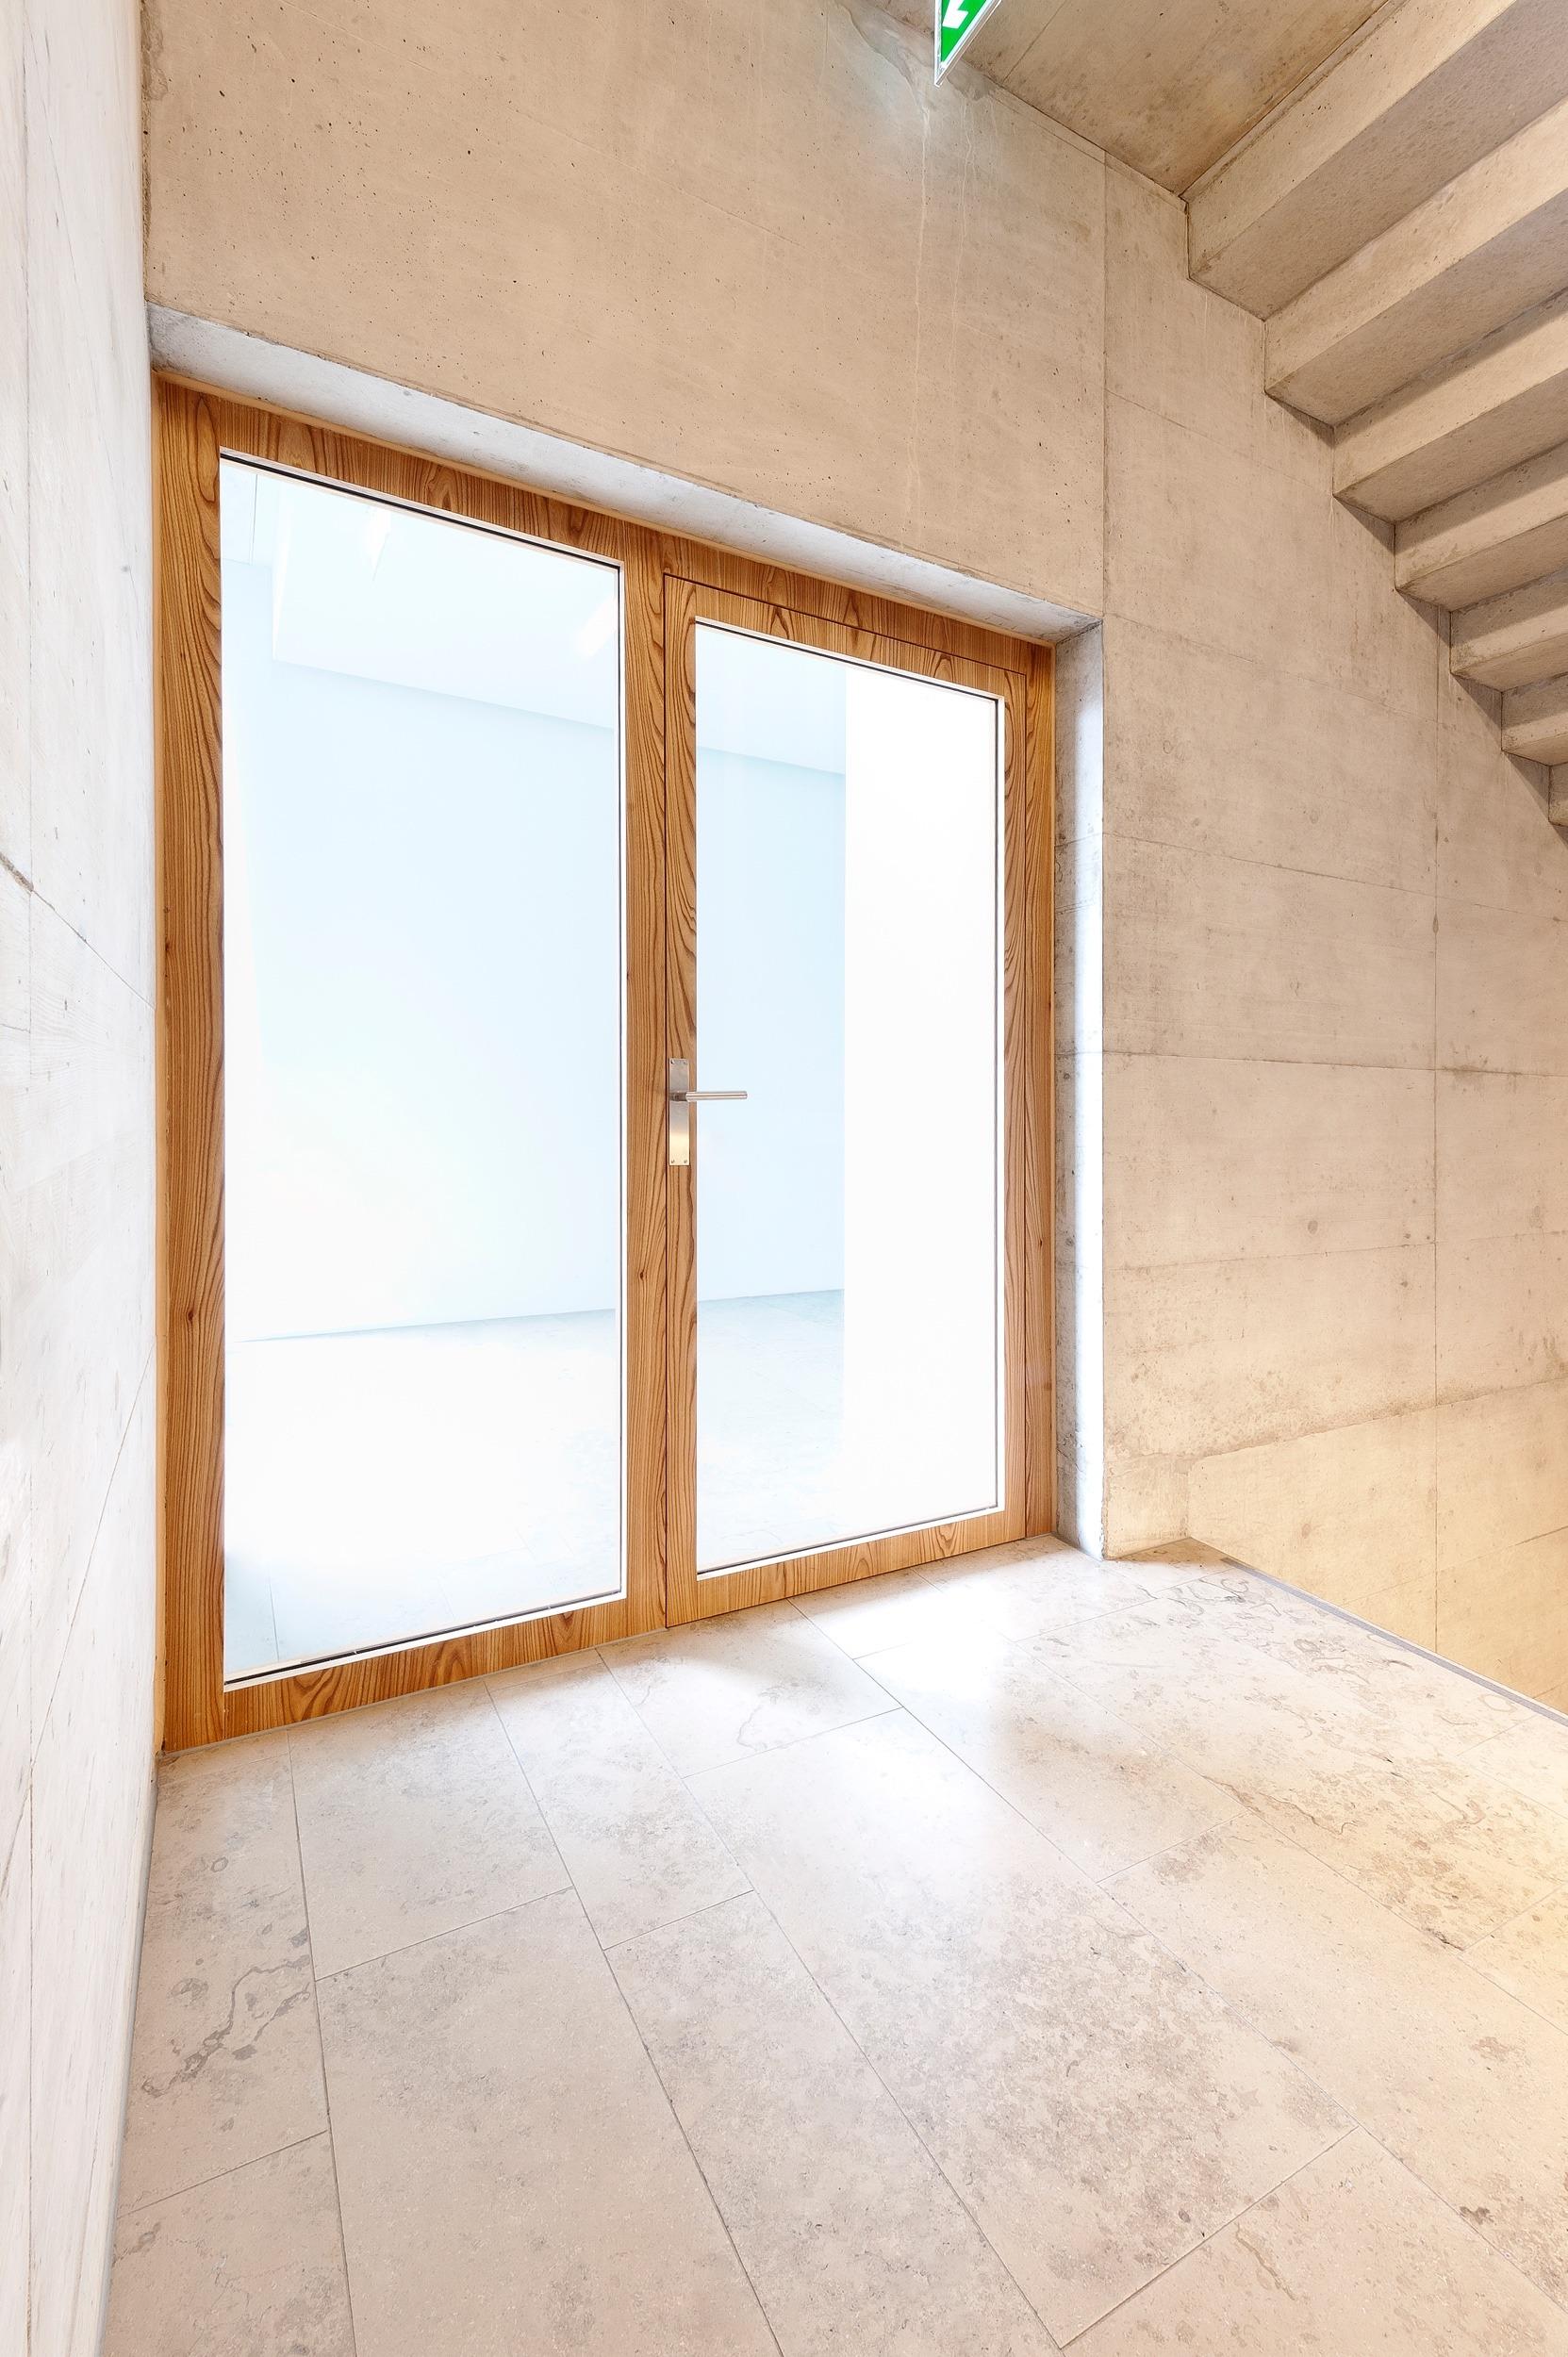 Verglasung_Framestar_Alterszentrum_Kuenzle_Heim_Schaffhausen 158